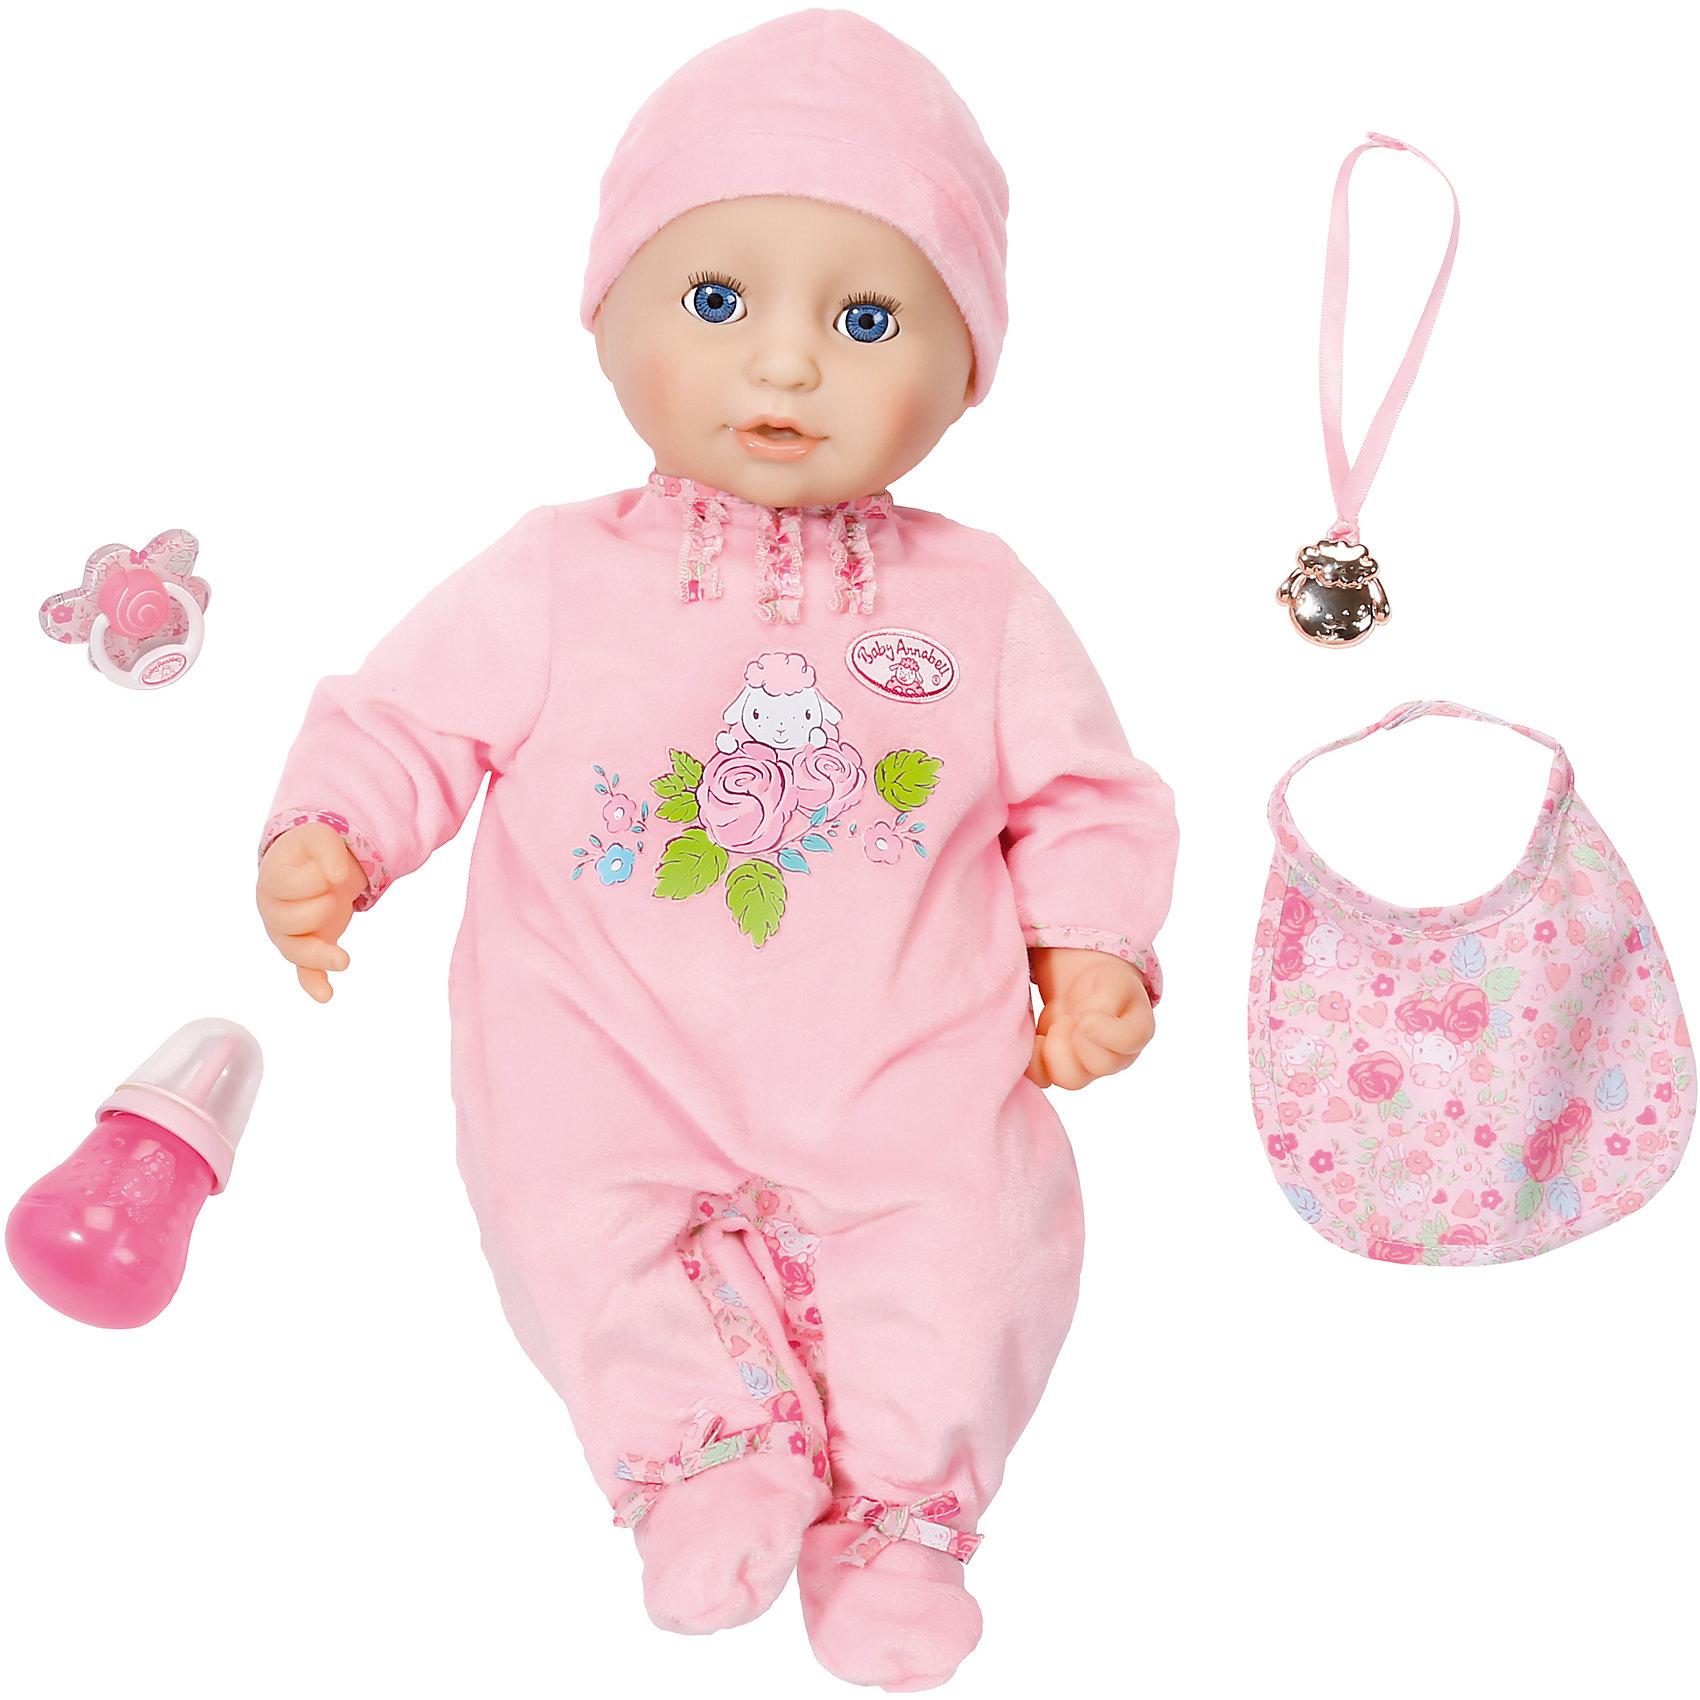 Многофункциональная кукла, 46 см, Baby AnnabellБренды кукол<br>Характеристики товара:<br><br>- цвет: разноцветный;<br>- материал: пластик, текстиль;<br>- особенности: пьет и сосет соску, двигая ртом, писает, плачет настоящими слезами, срыгивает и лепечет, засыпает;<br>- размер упаковки: 30х39х21 см;<br>- размер куклы: 46 см.<br><br>Такие красивые куклы не оставят ребенка равнодушным! Какая девочка откажется поиграть с куклой, которая выглядит и ведет себя почти как настоящий ребенок?! Игрушка отлично детализирована, очень качественно выполнена, поэтому она станет отличным подарком ребенку. Она столько всего умеет!<br>Изделие произведено из высококачественного материала, безопасного для детей.<br><br>Многофункциональную куклу, 46 см, Baby Annabell можно купить в нашем интернет-магазине.<br><br>Ширина мм: 300<br>Глубина мм: 390<br>Высота мм: 210<br>Вес г: 1645<br>Возраст от месяцев: 36<br>Возраст до месяцев: 2147483647<br>Пол: Женский<br>Возраст: Детский<br>SKU: 5051999